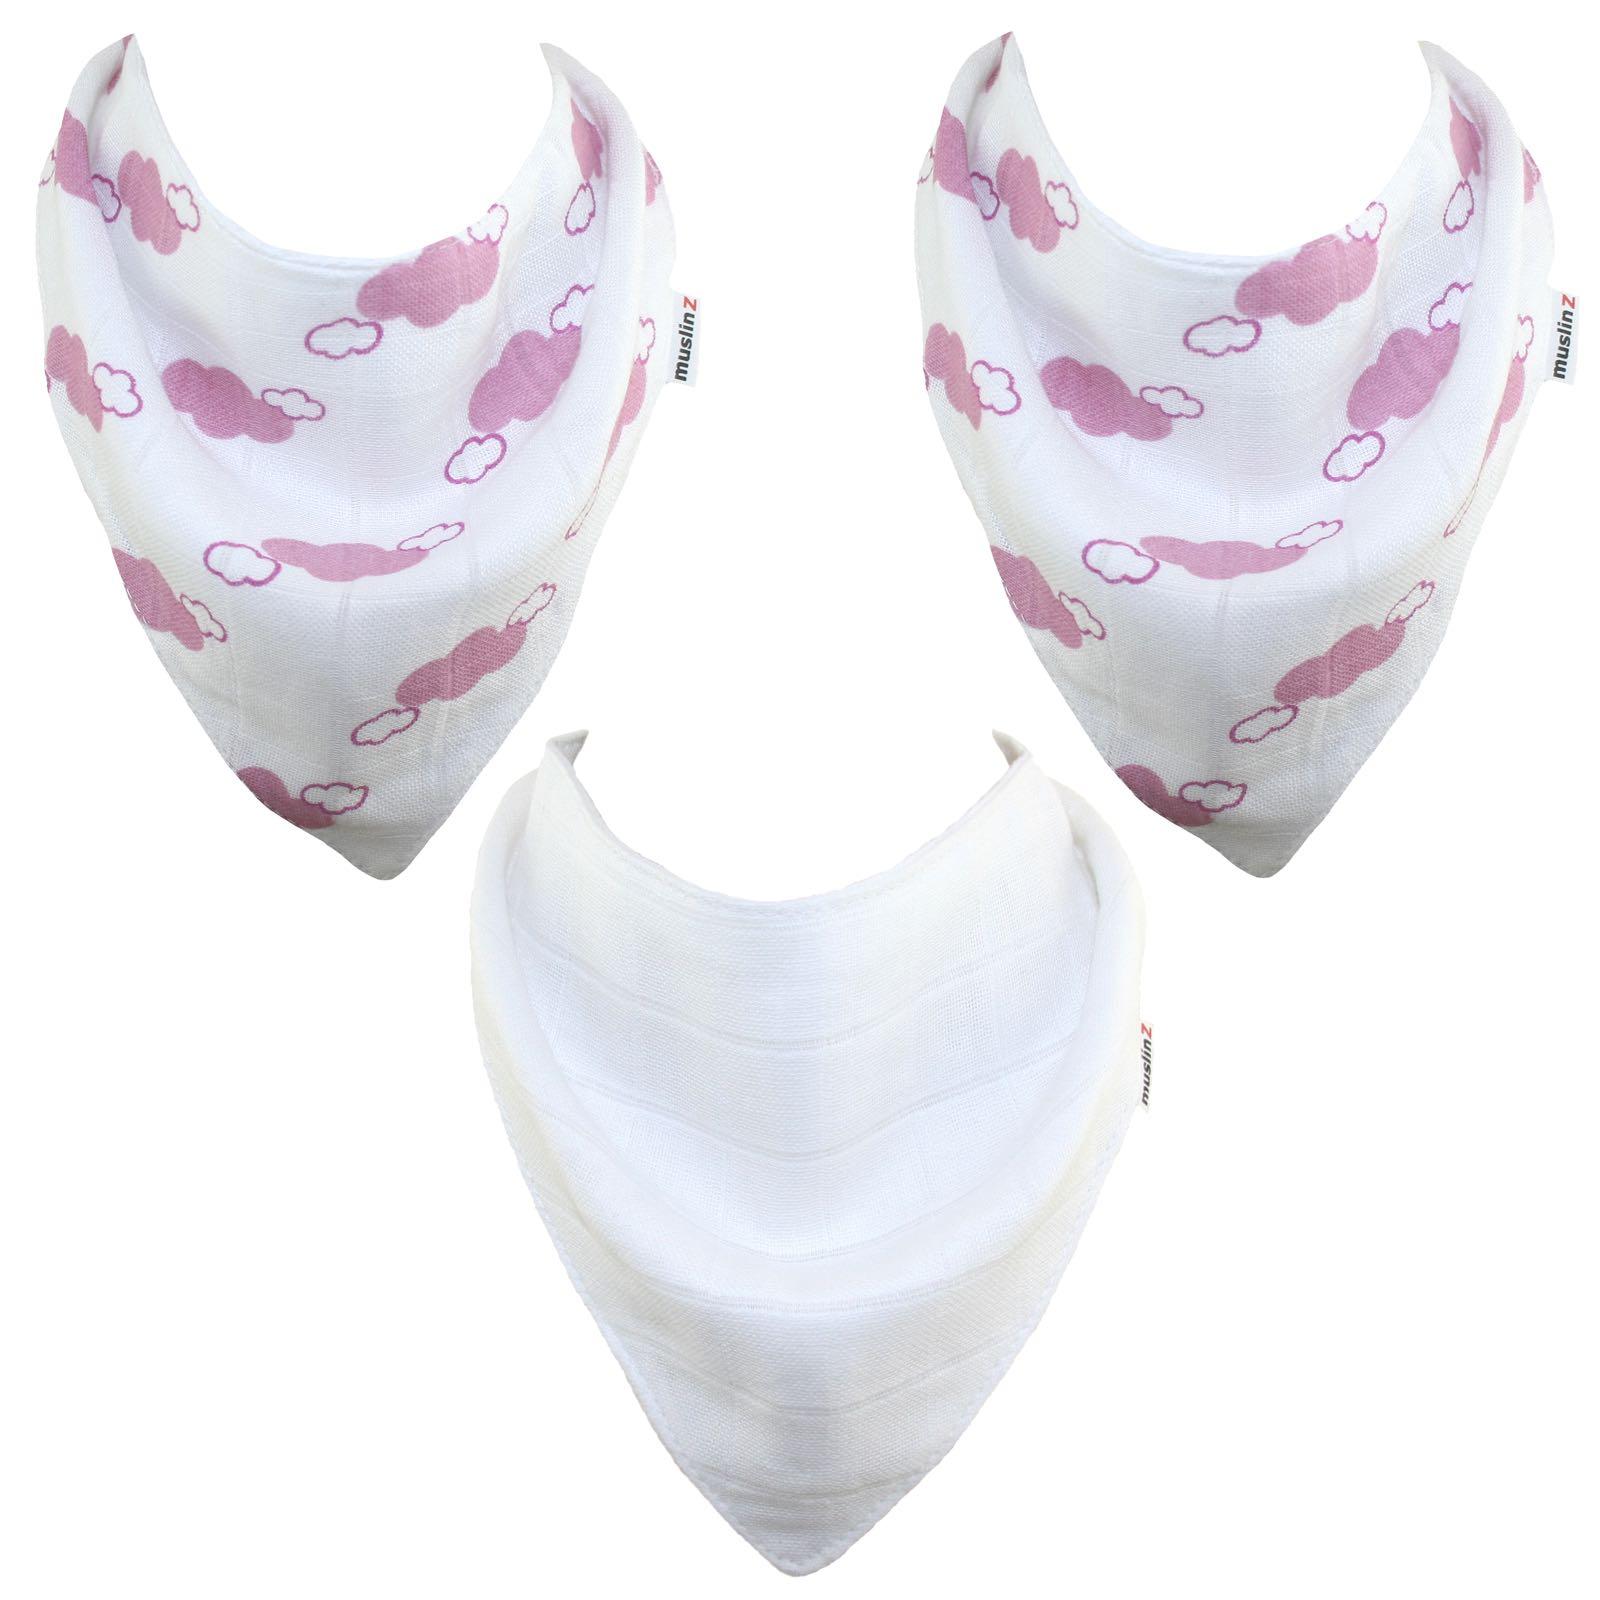 MuslinZ - 3 Pack bamboo/organic cotton Dribble Bibs - Pink clound